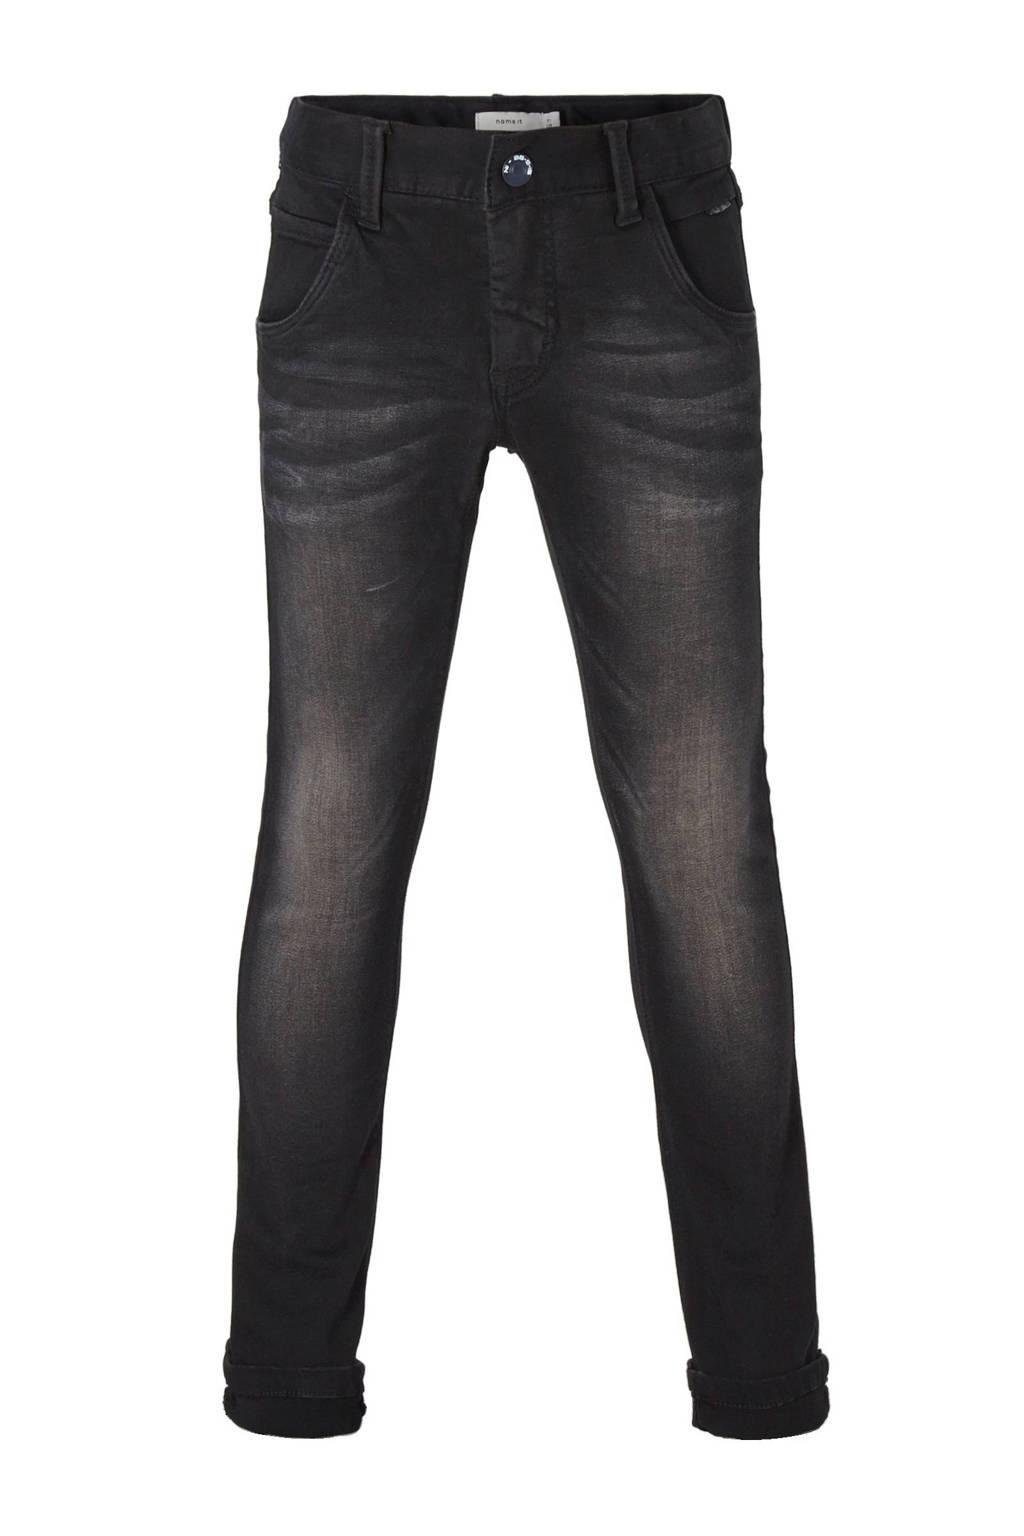 NAME IT x-slim fit jeans NITCLA zwart, Zwart